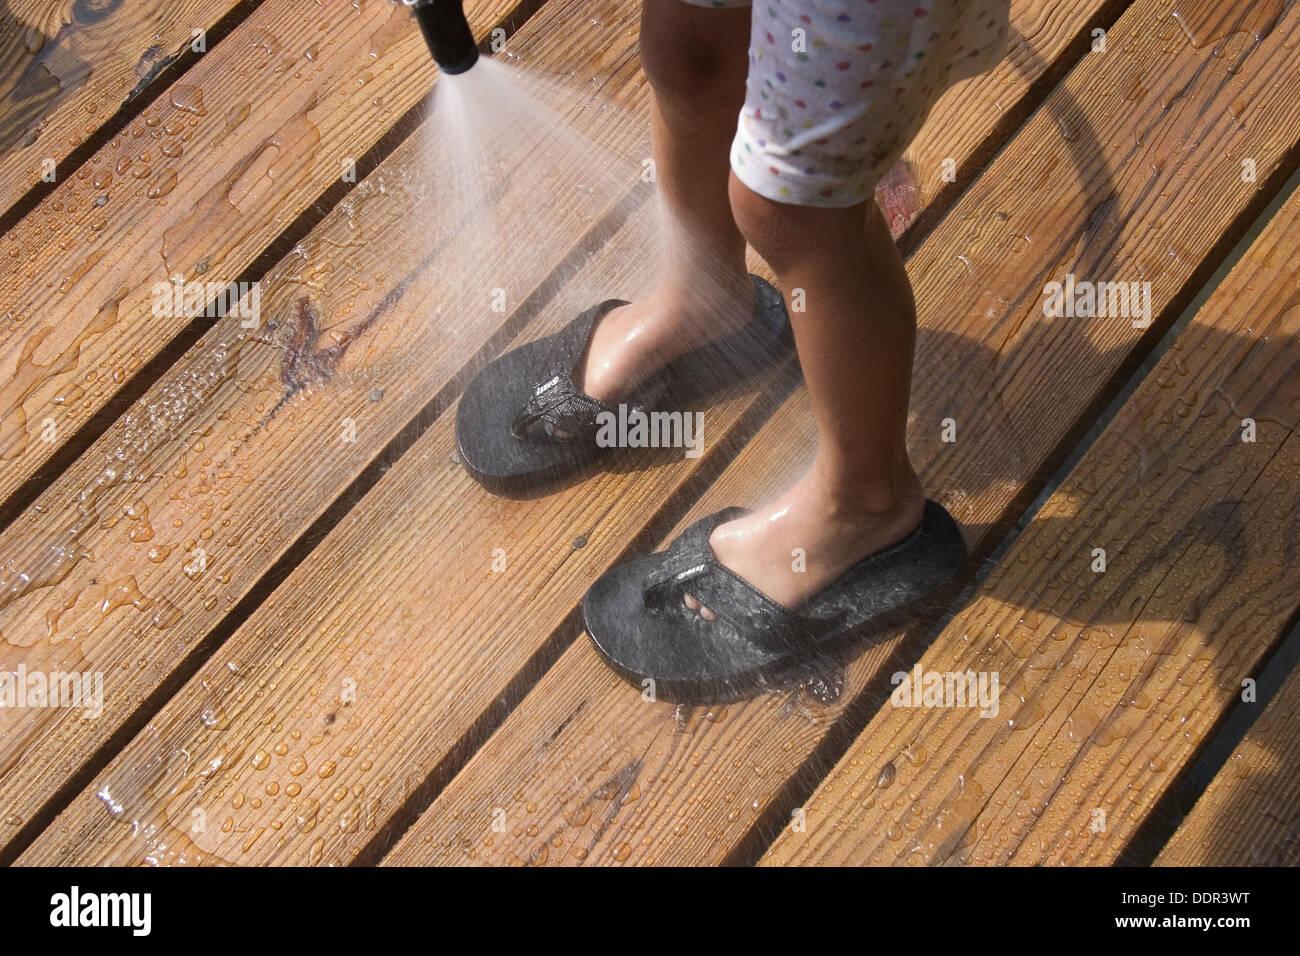 6e561f0bb065e Young Girl Wearing Flip Flops Stock Photos   Young Girl Wearing Flip ...